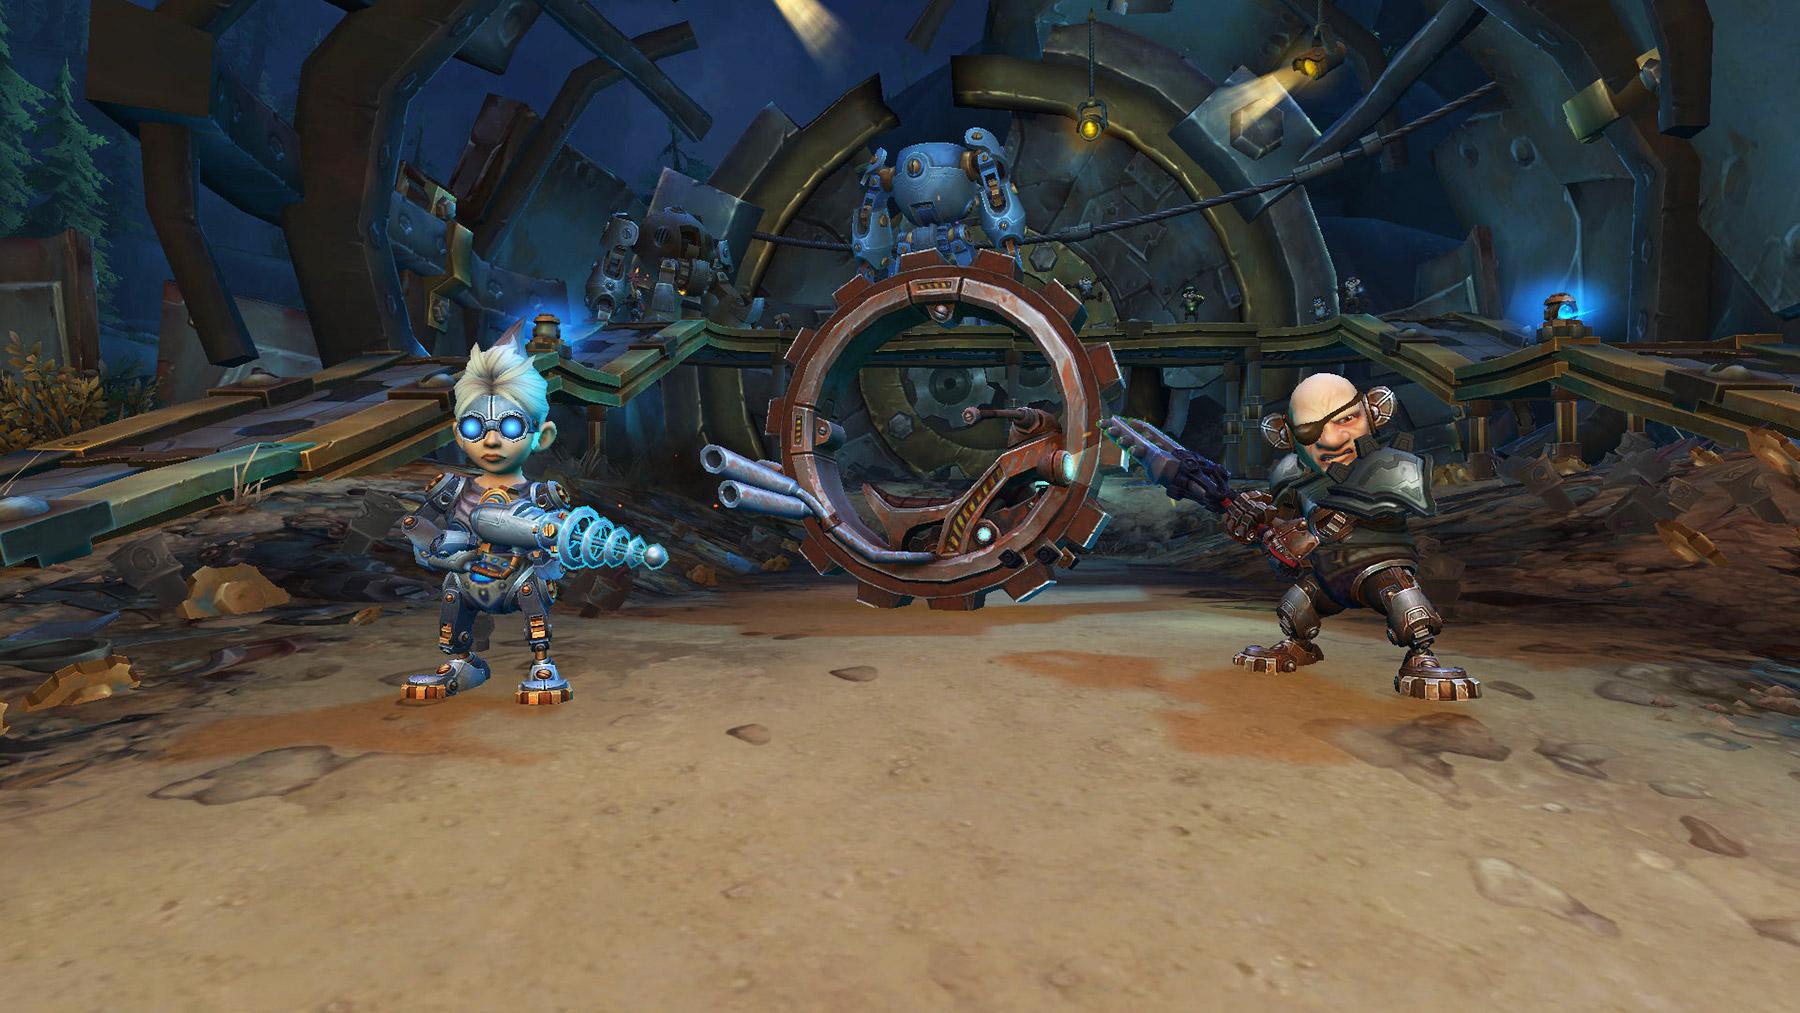 Trixie utilise des attaques électriques pendant que Naeno essaie de vous écraser avec son Mécacycle